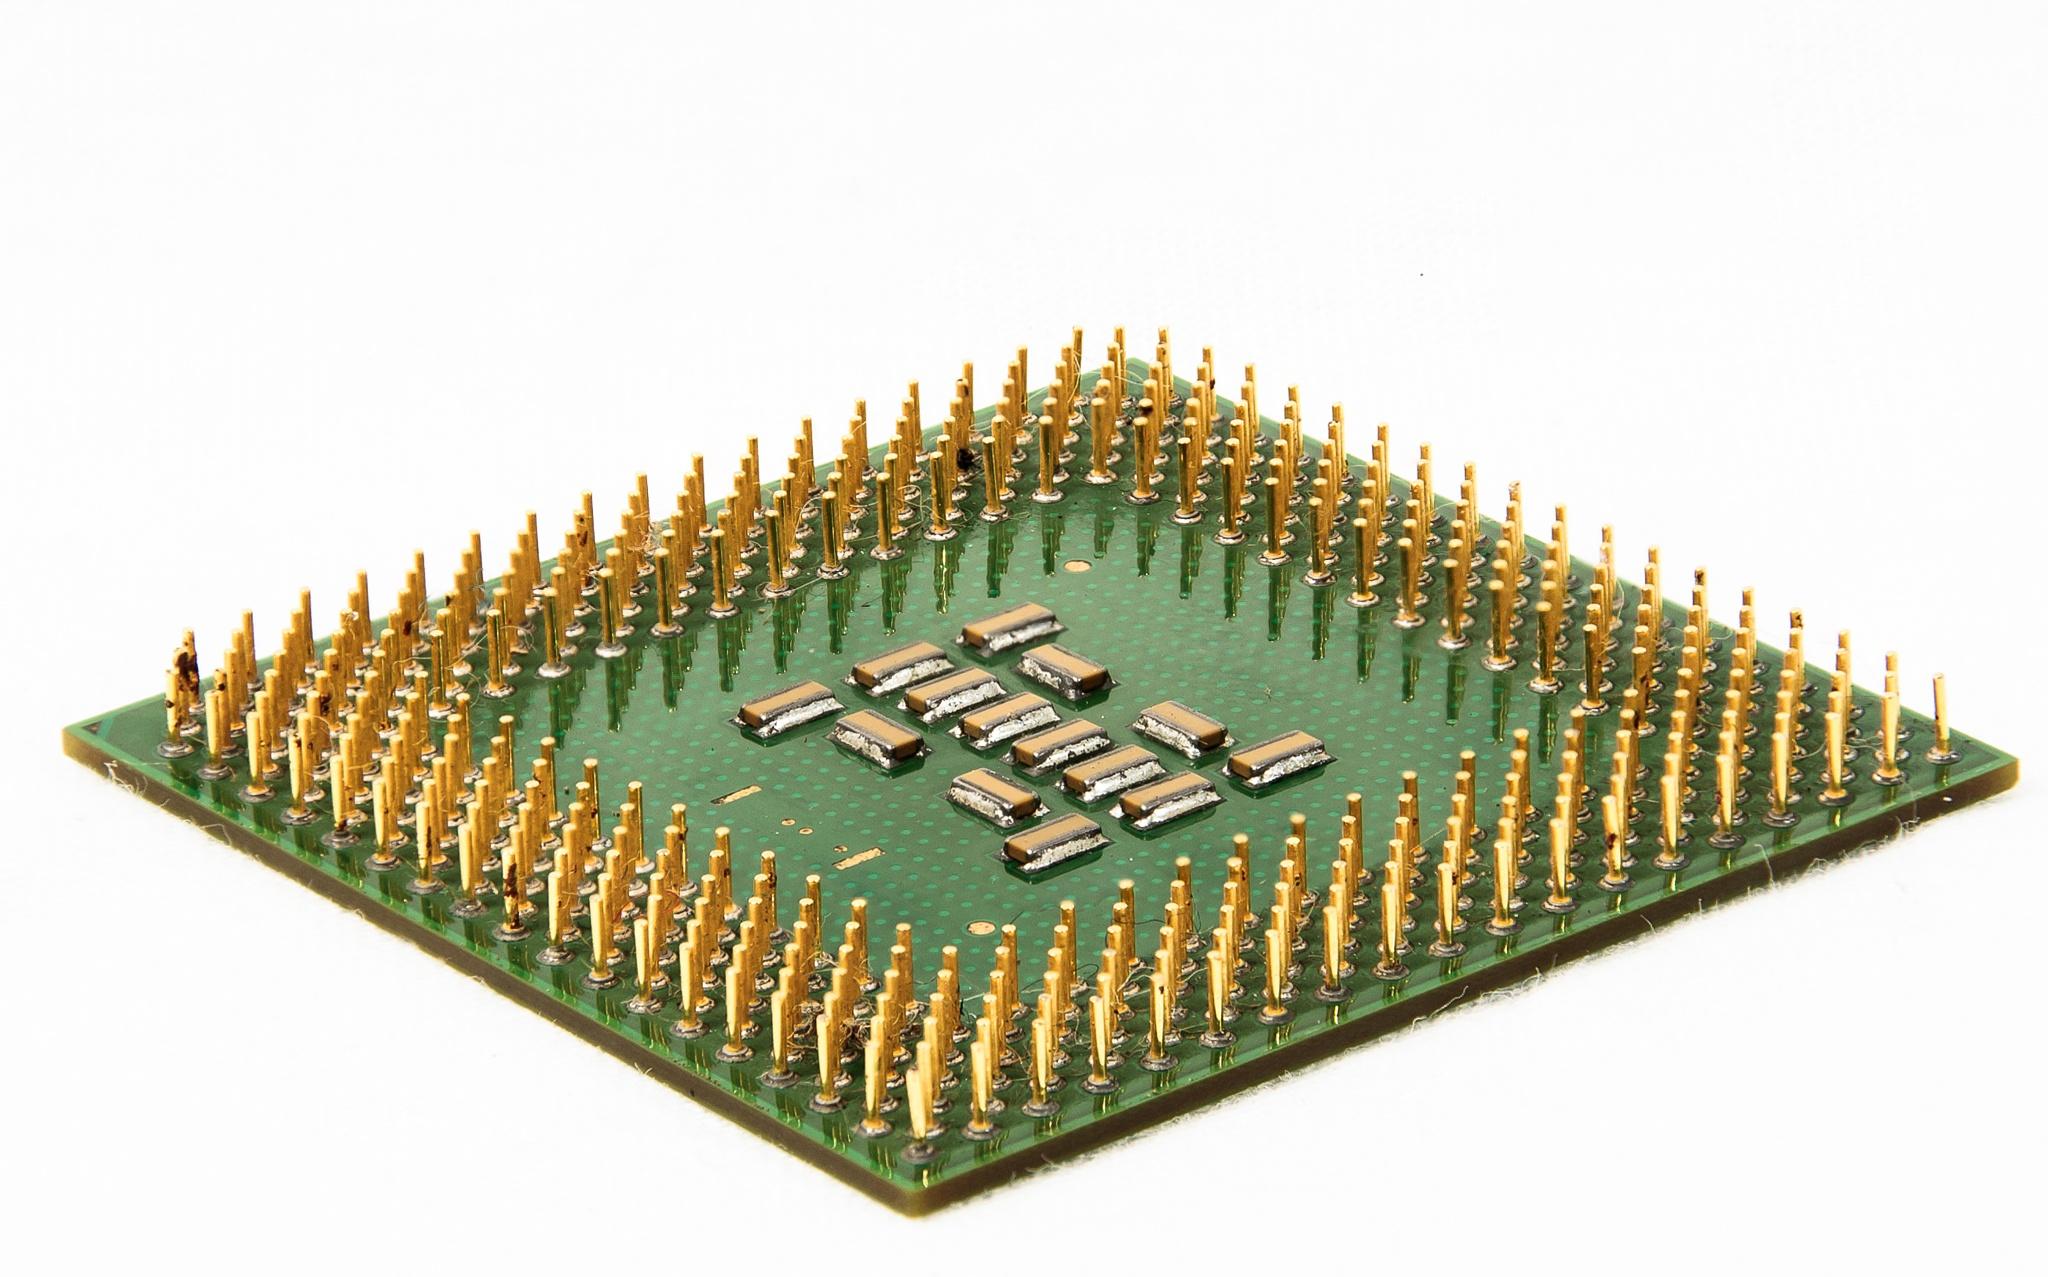 Intel Pentium III by Valmirez